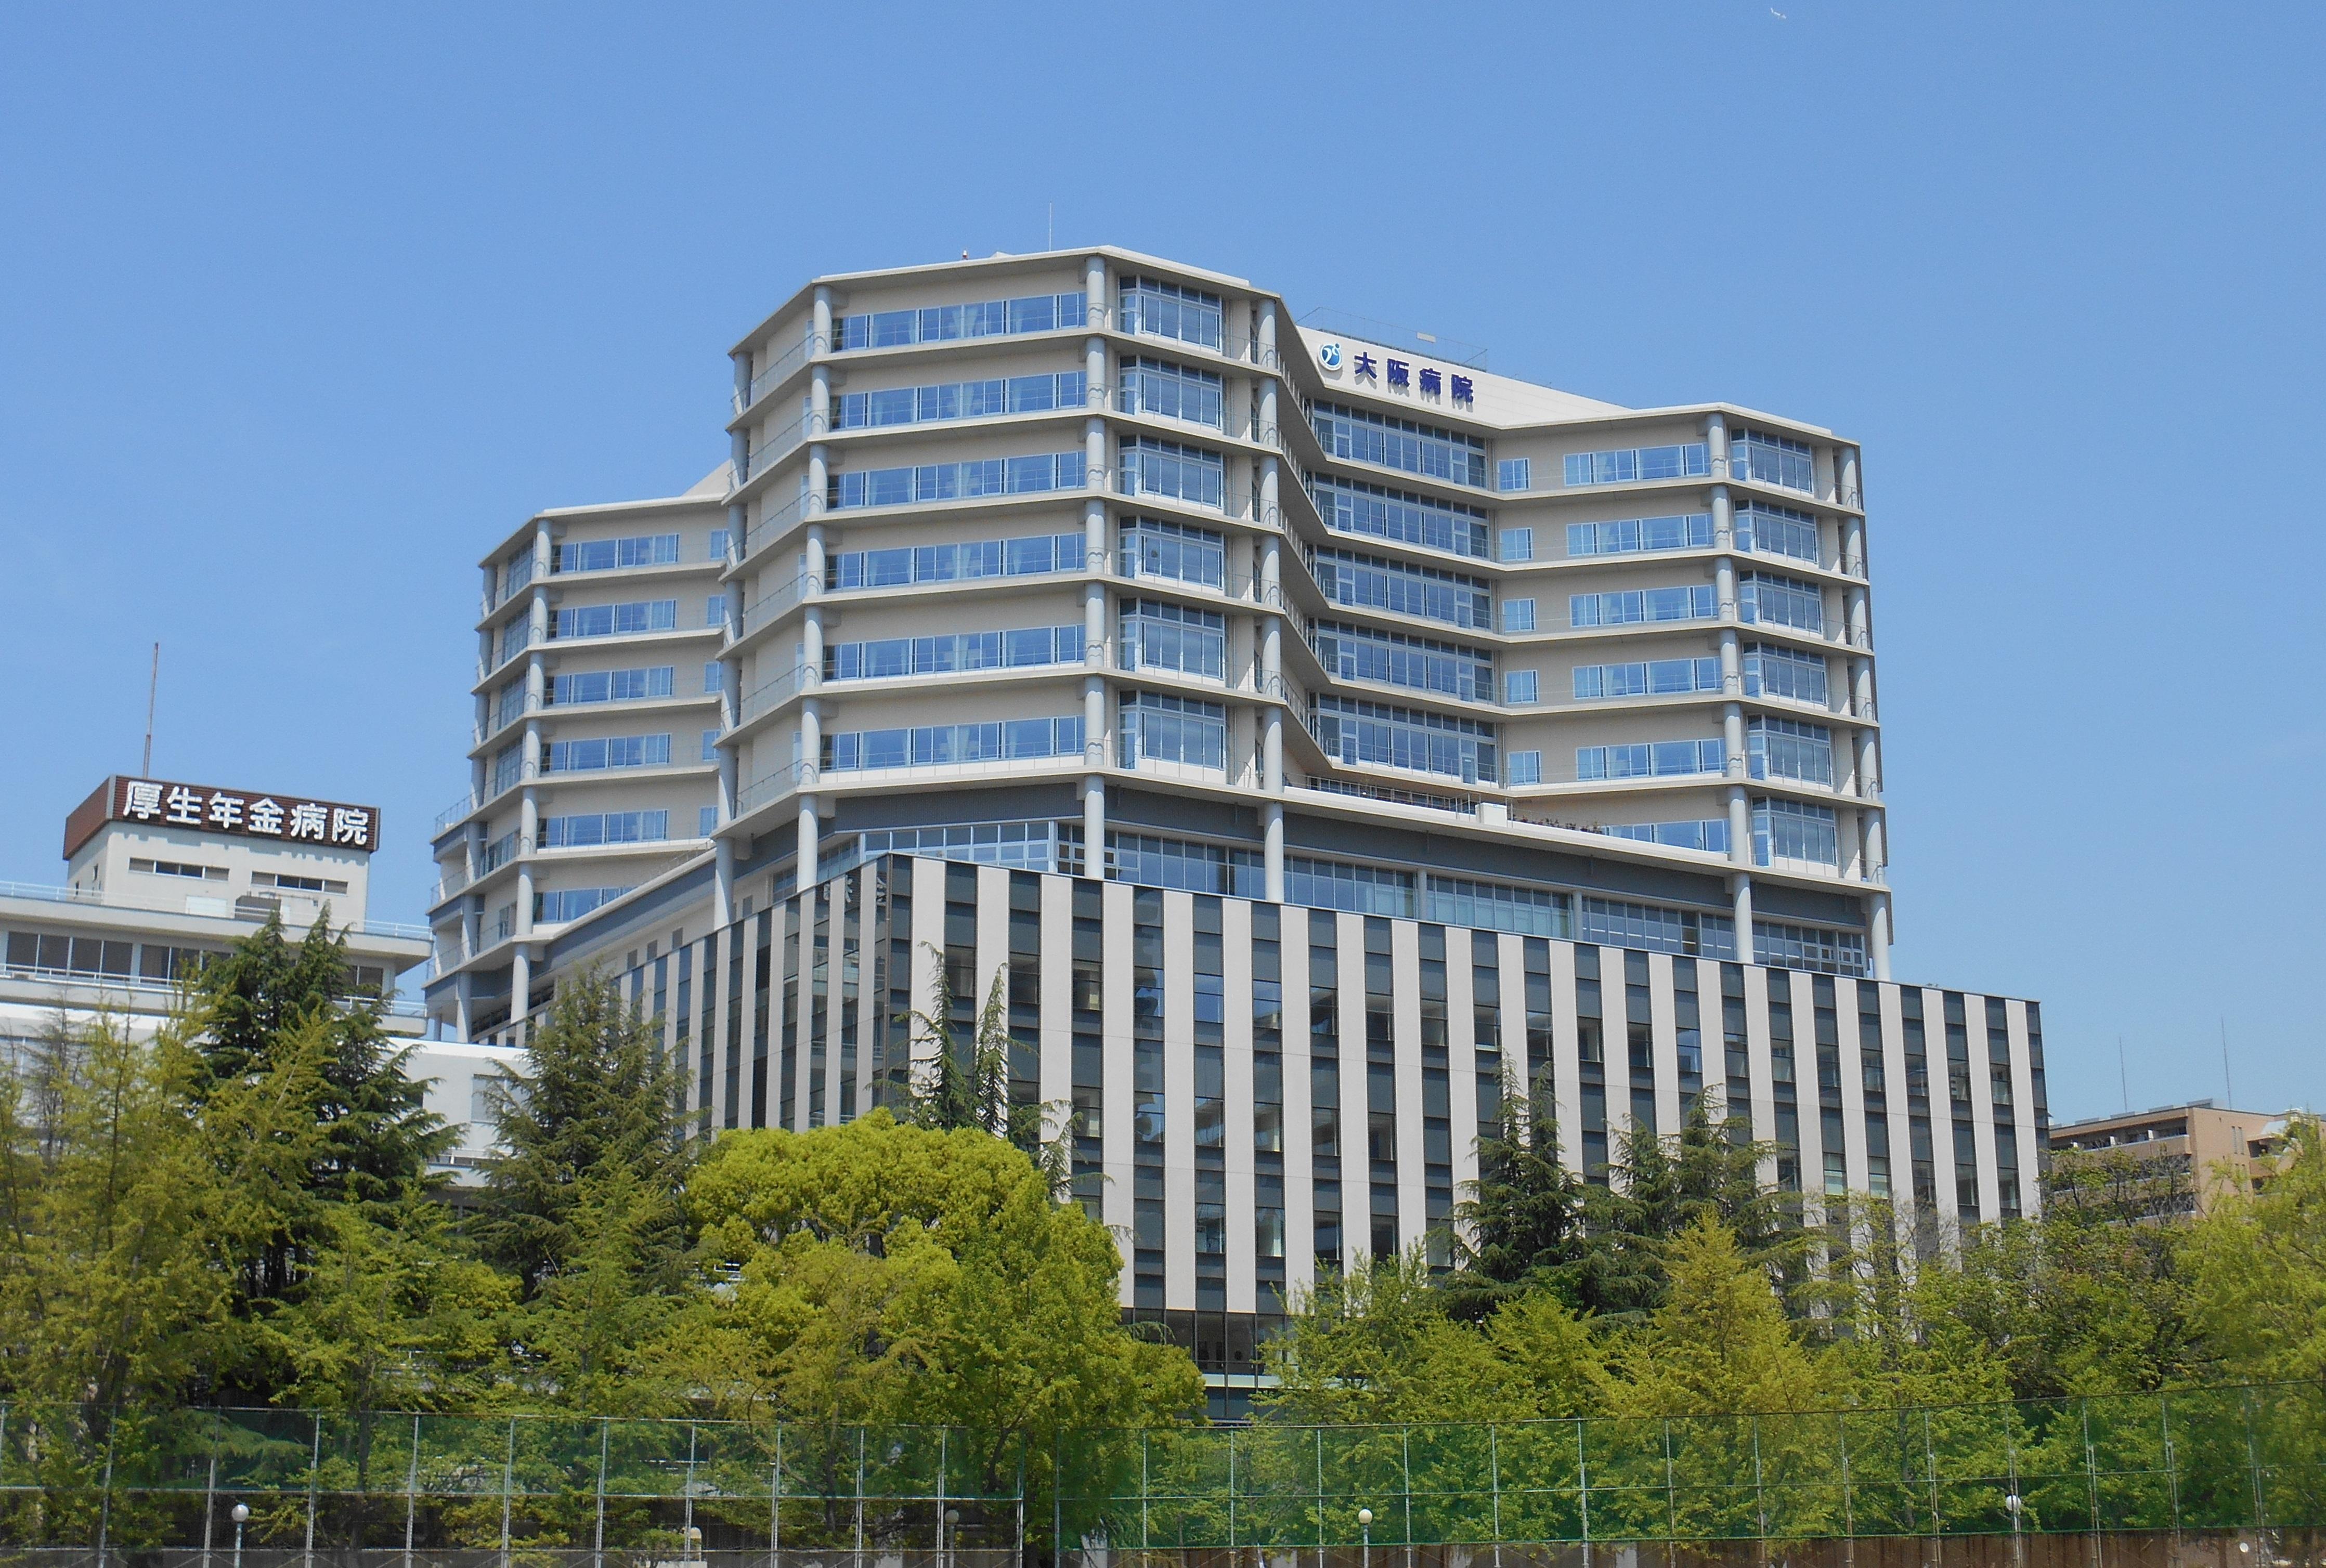 独立行政法人地域医療機能推進機構大阪病院